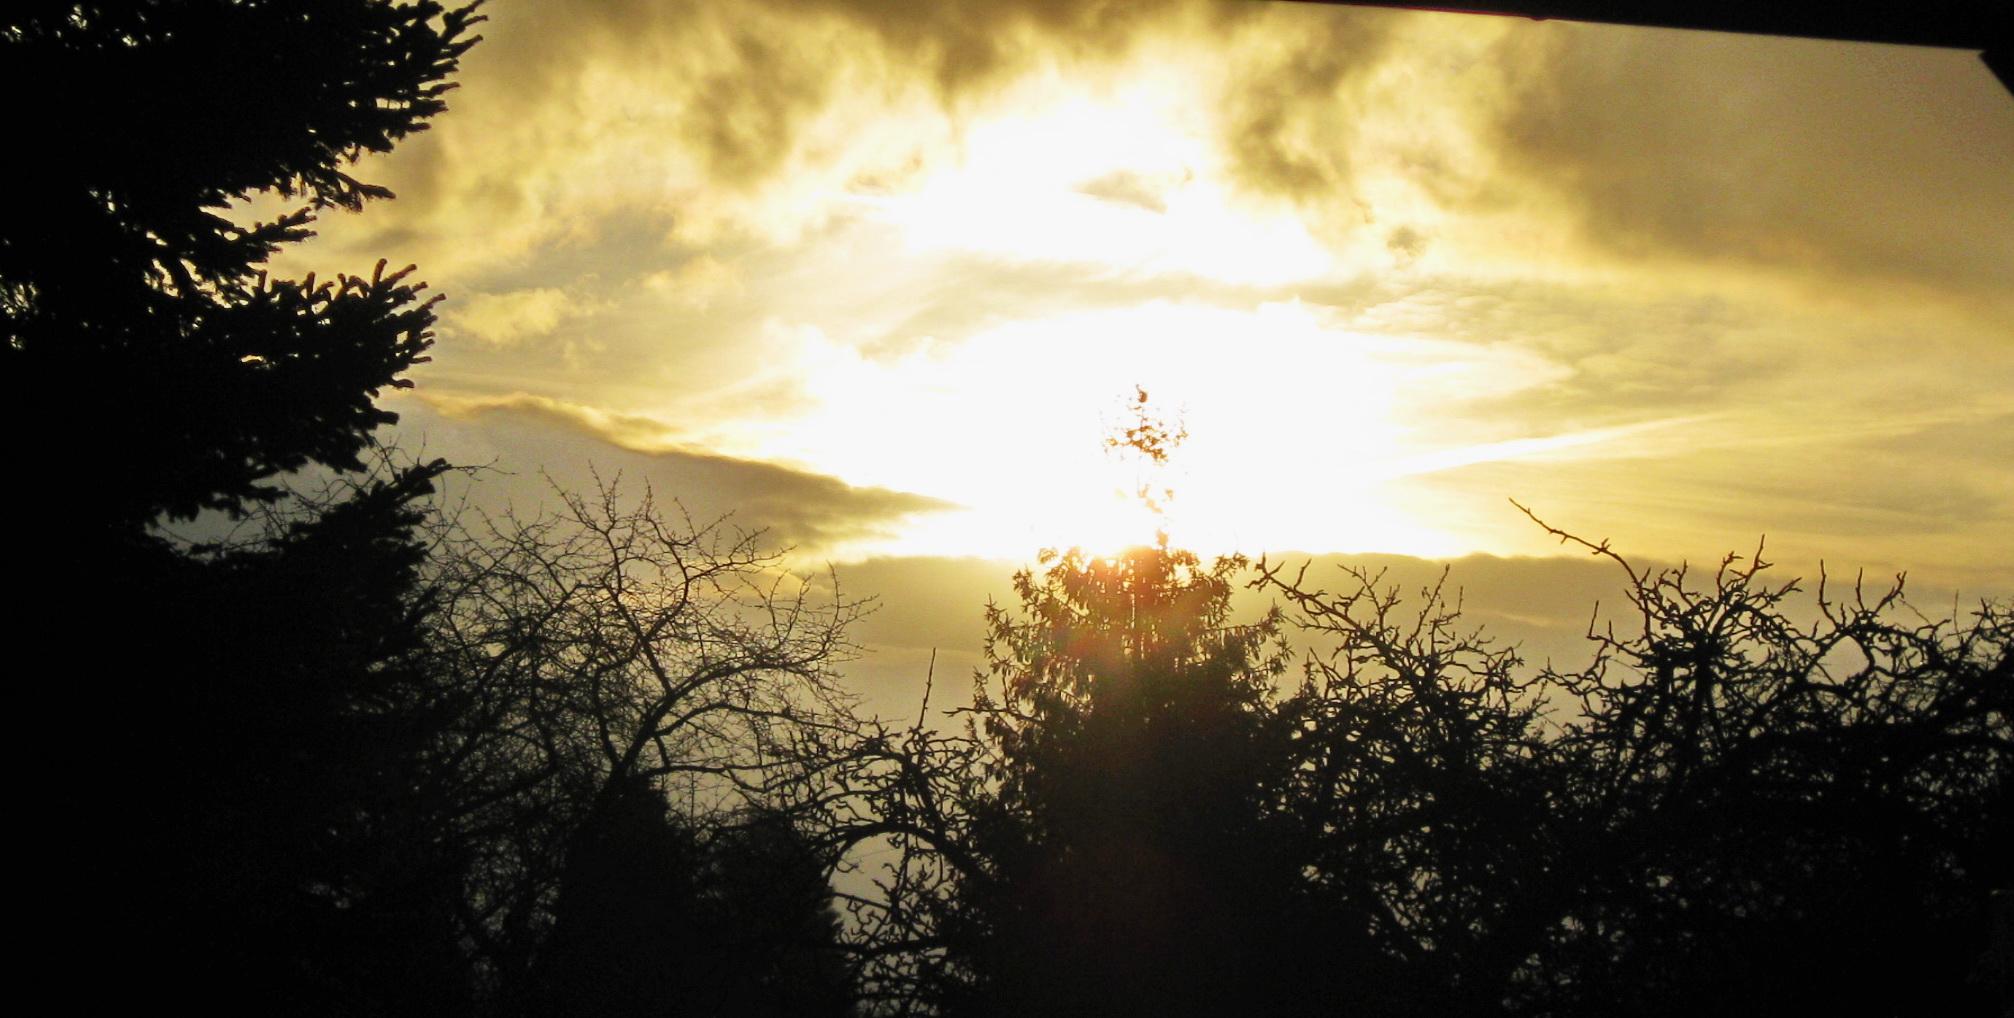 Sonne verdrängt die Schatten